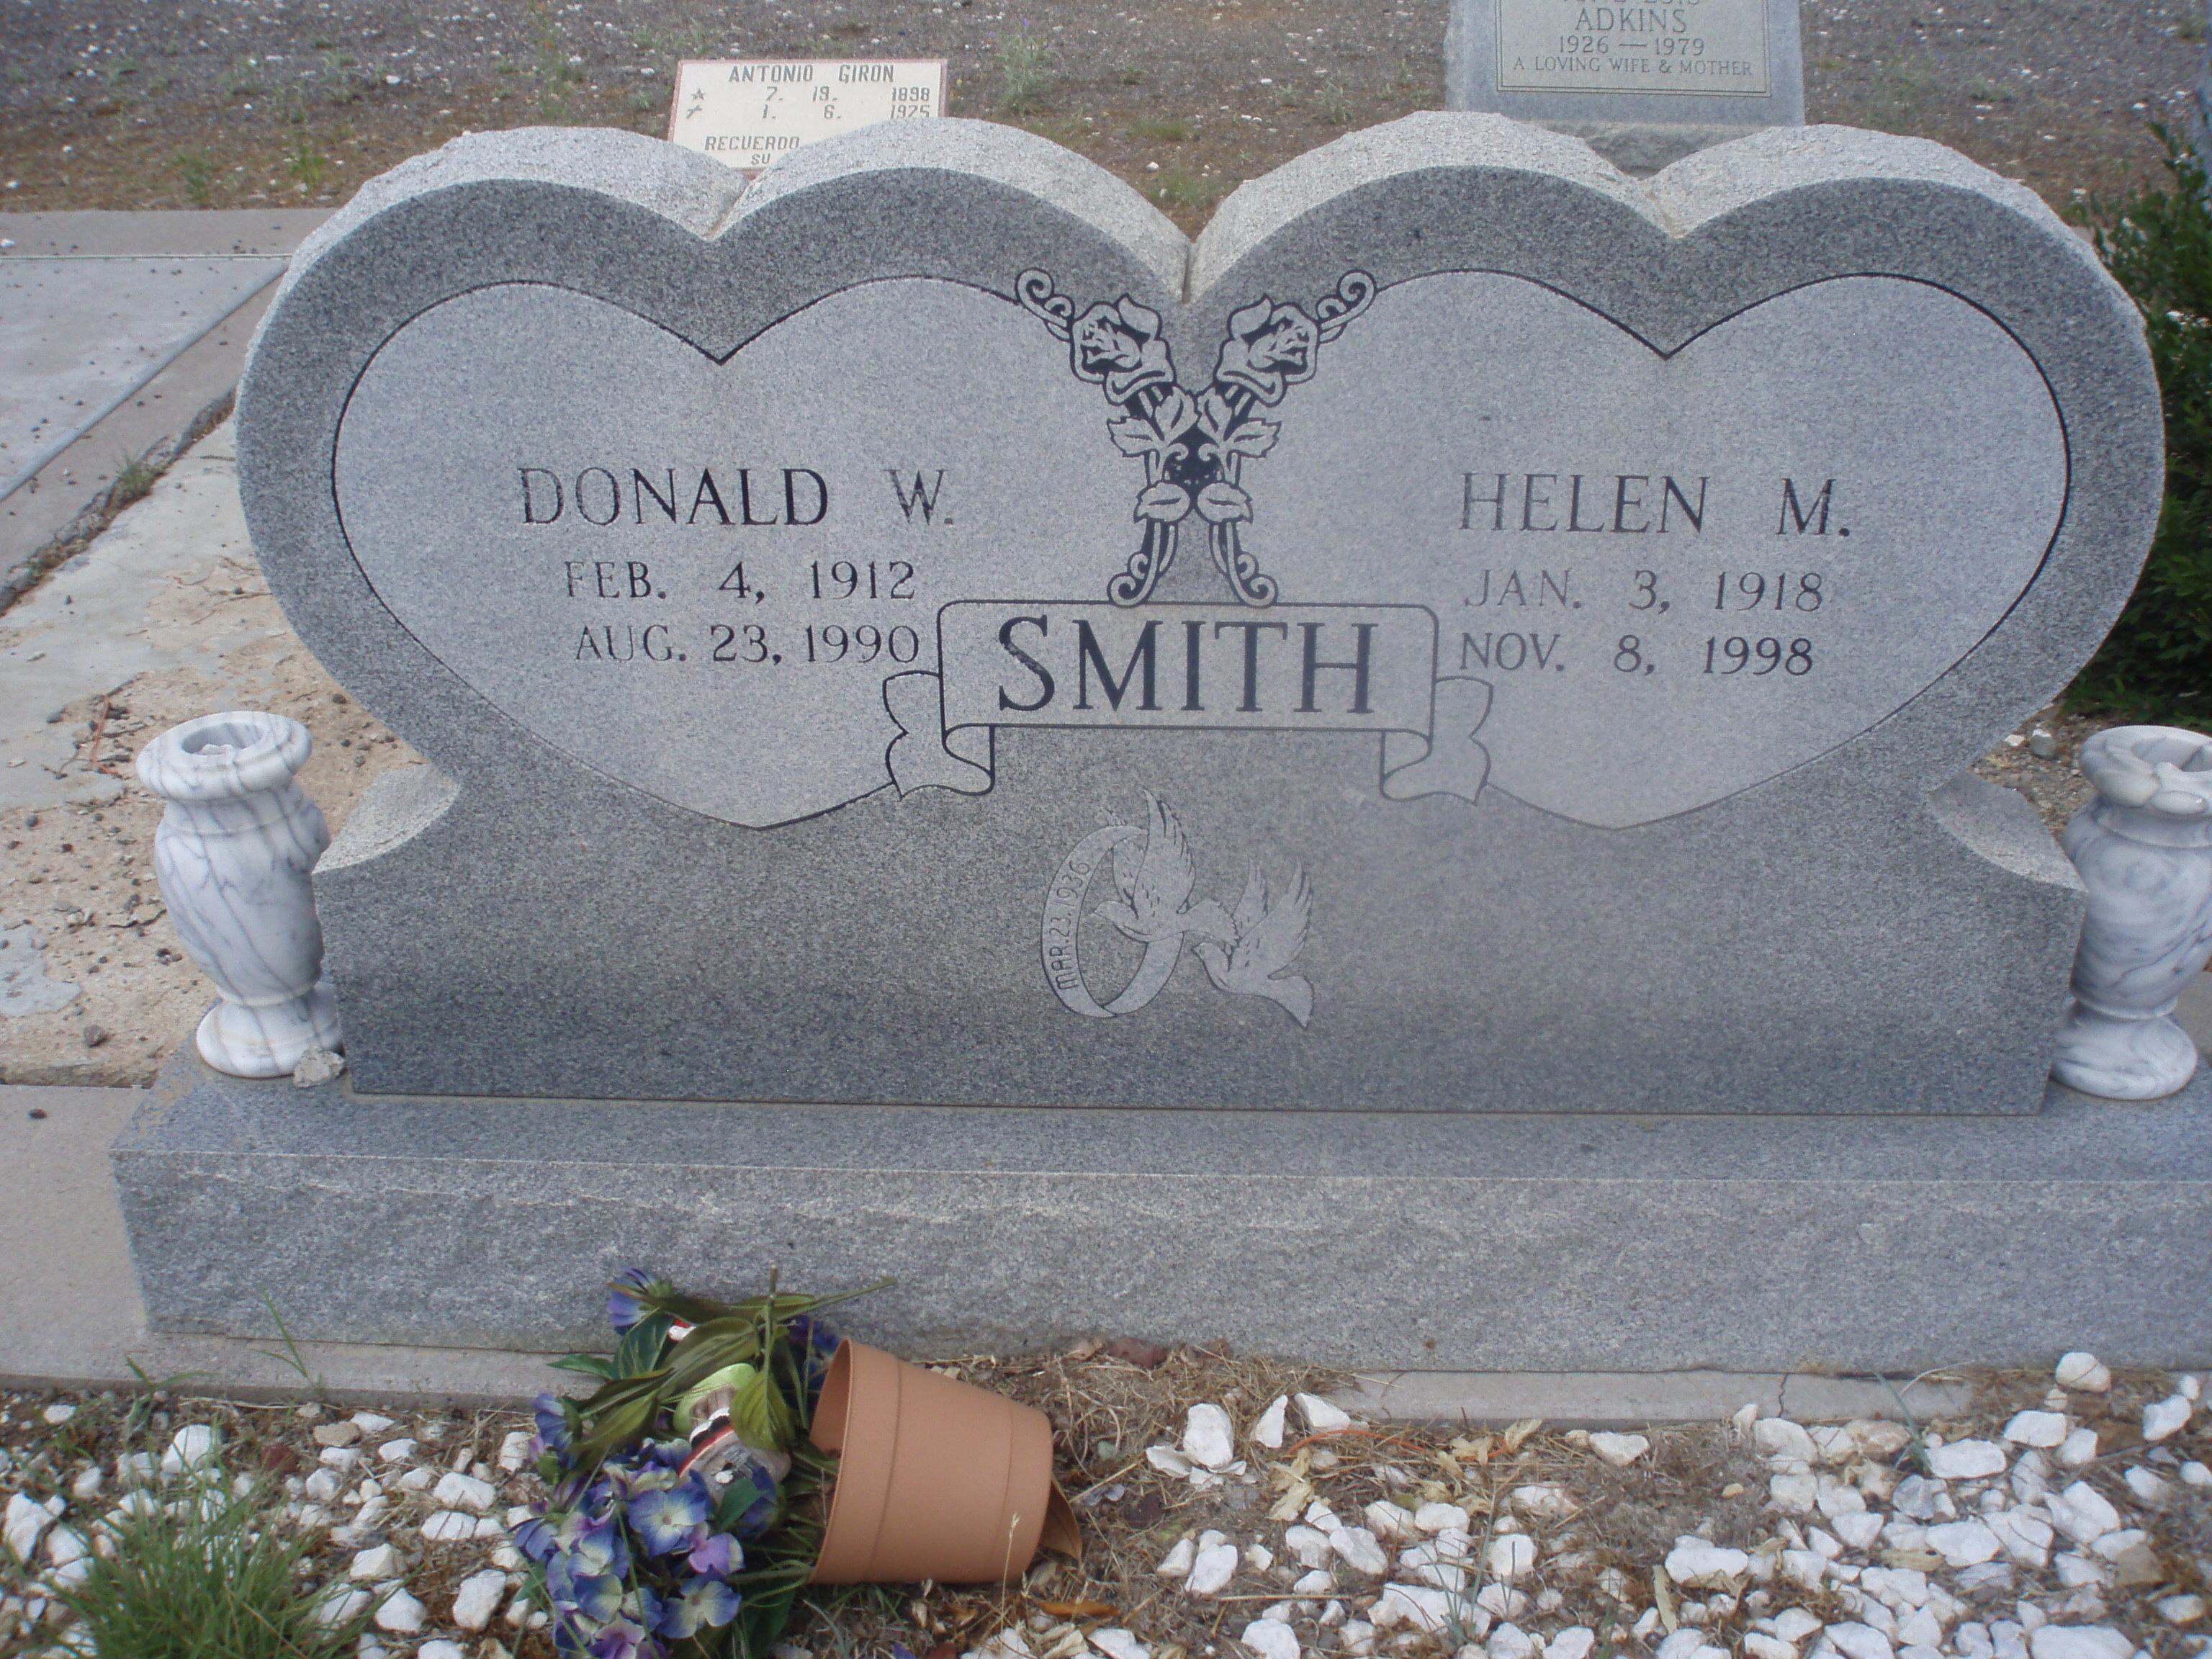 Donald W Smith